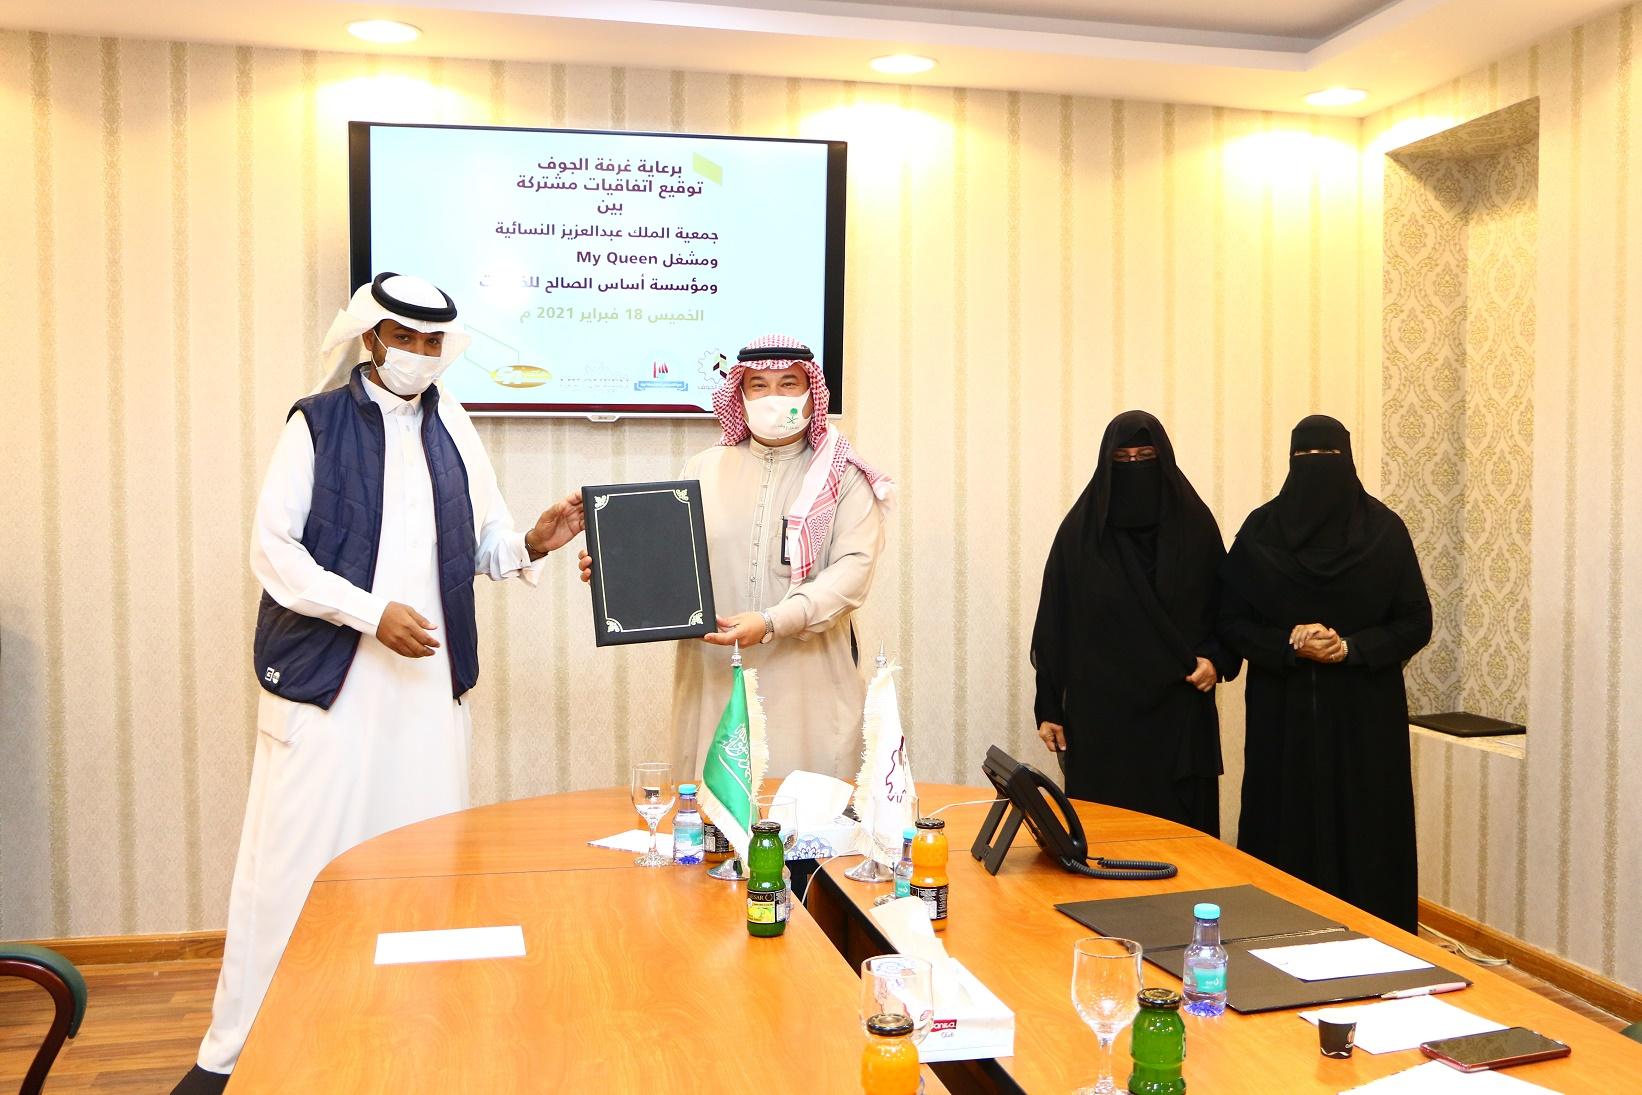 غرفة الجوف ترعى اتفاقية بين جمعية الملك عبدالعزيز النسائية ومؤسسات تجارية